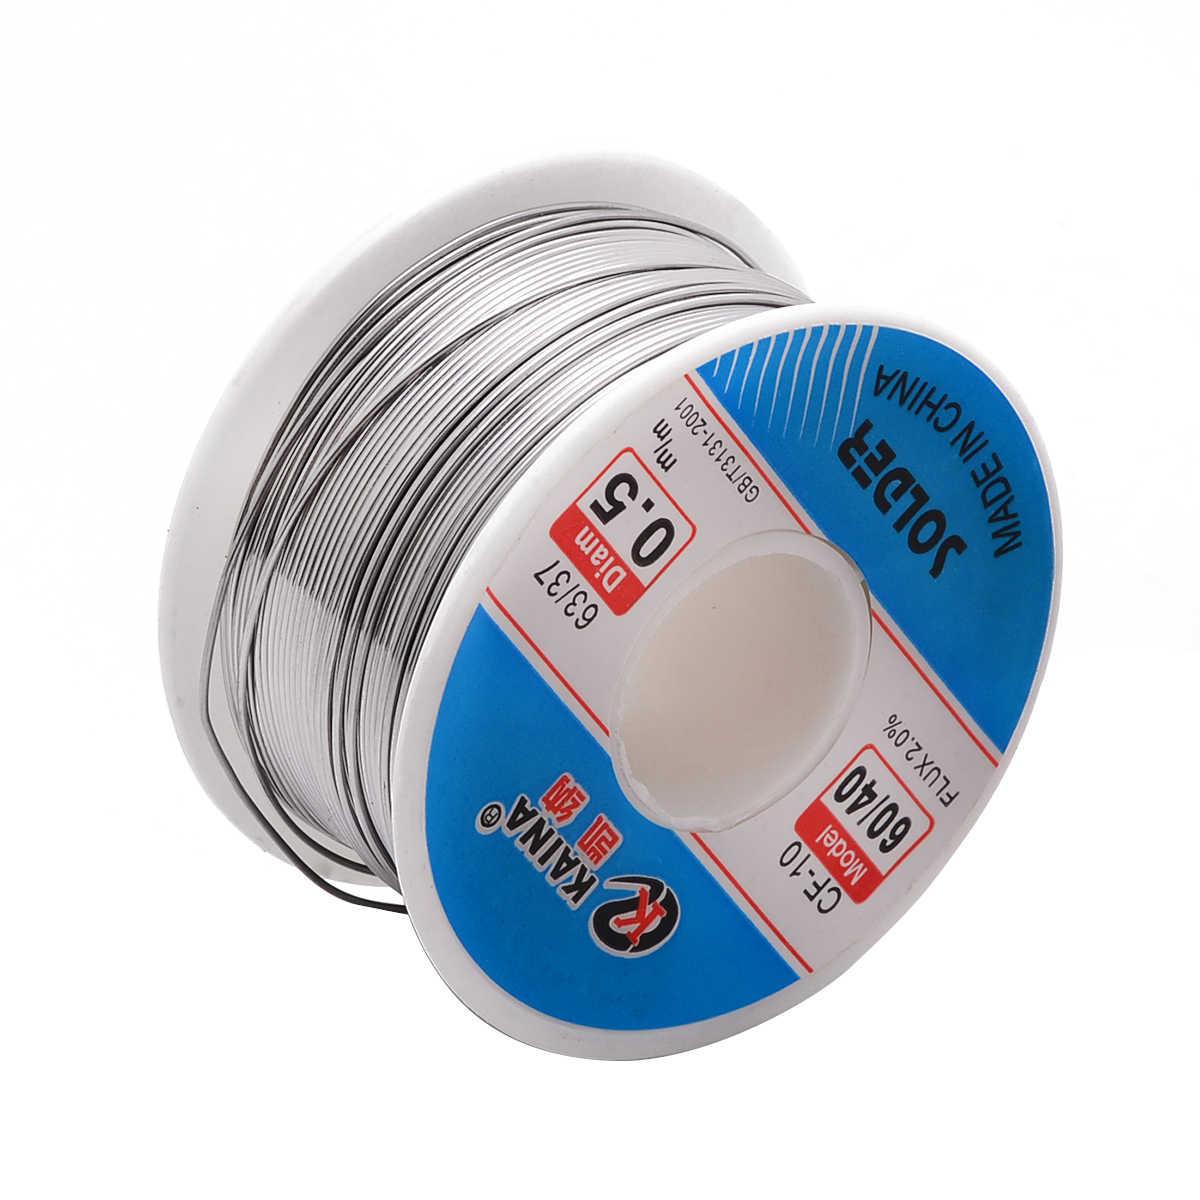 Cable de soldadura sin plomo con n/úcleo de resina con 5 puntas para soldador Lifreer 0,8 mm, 100 g